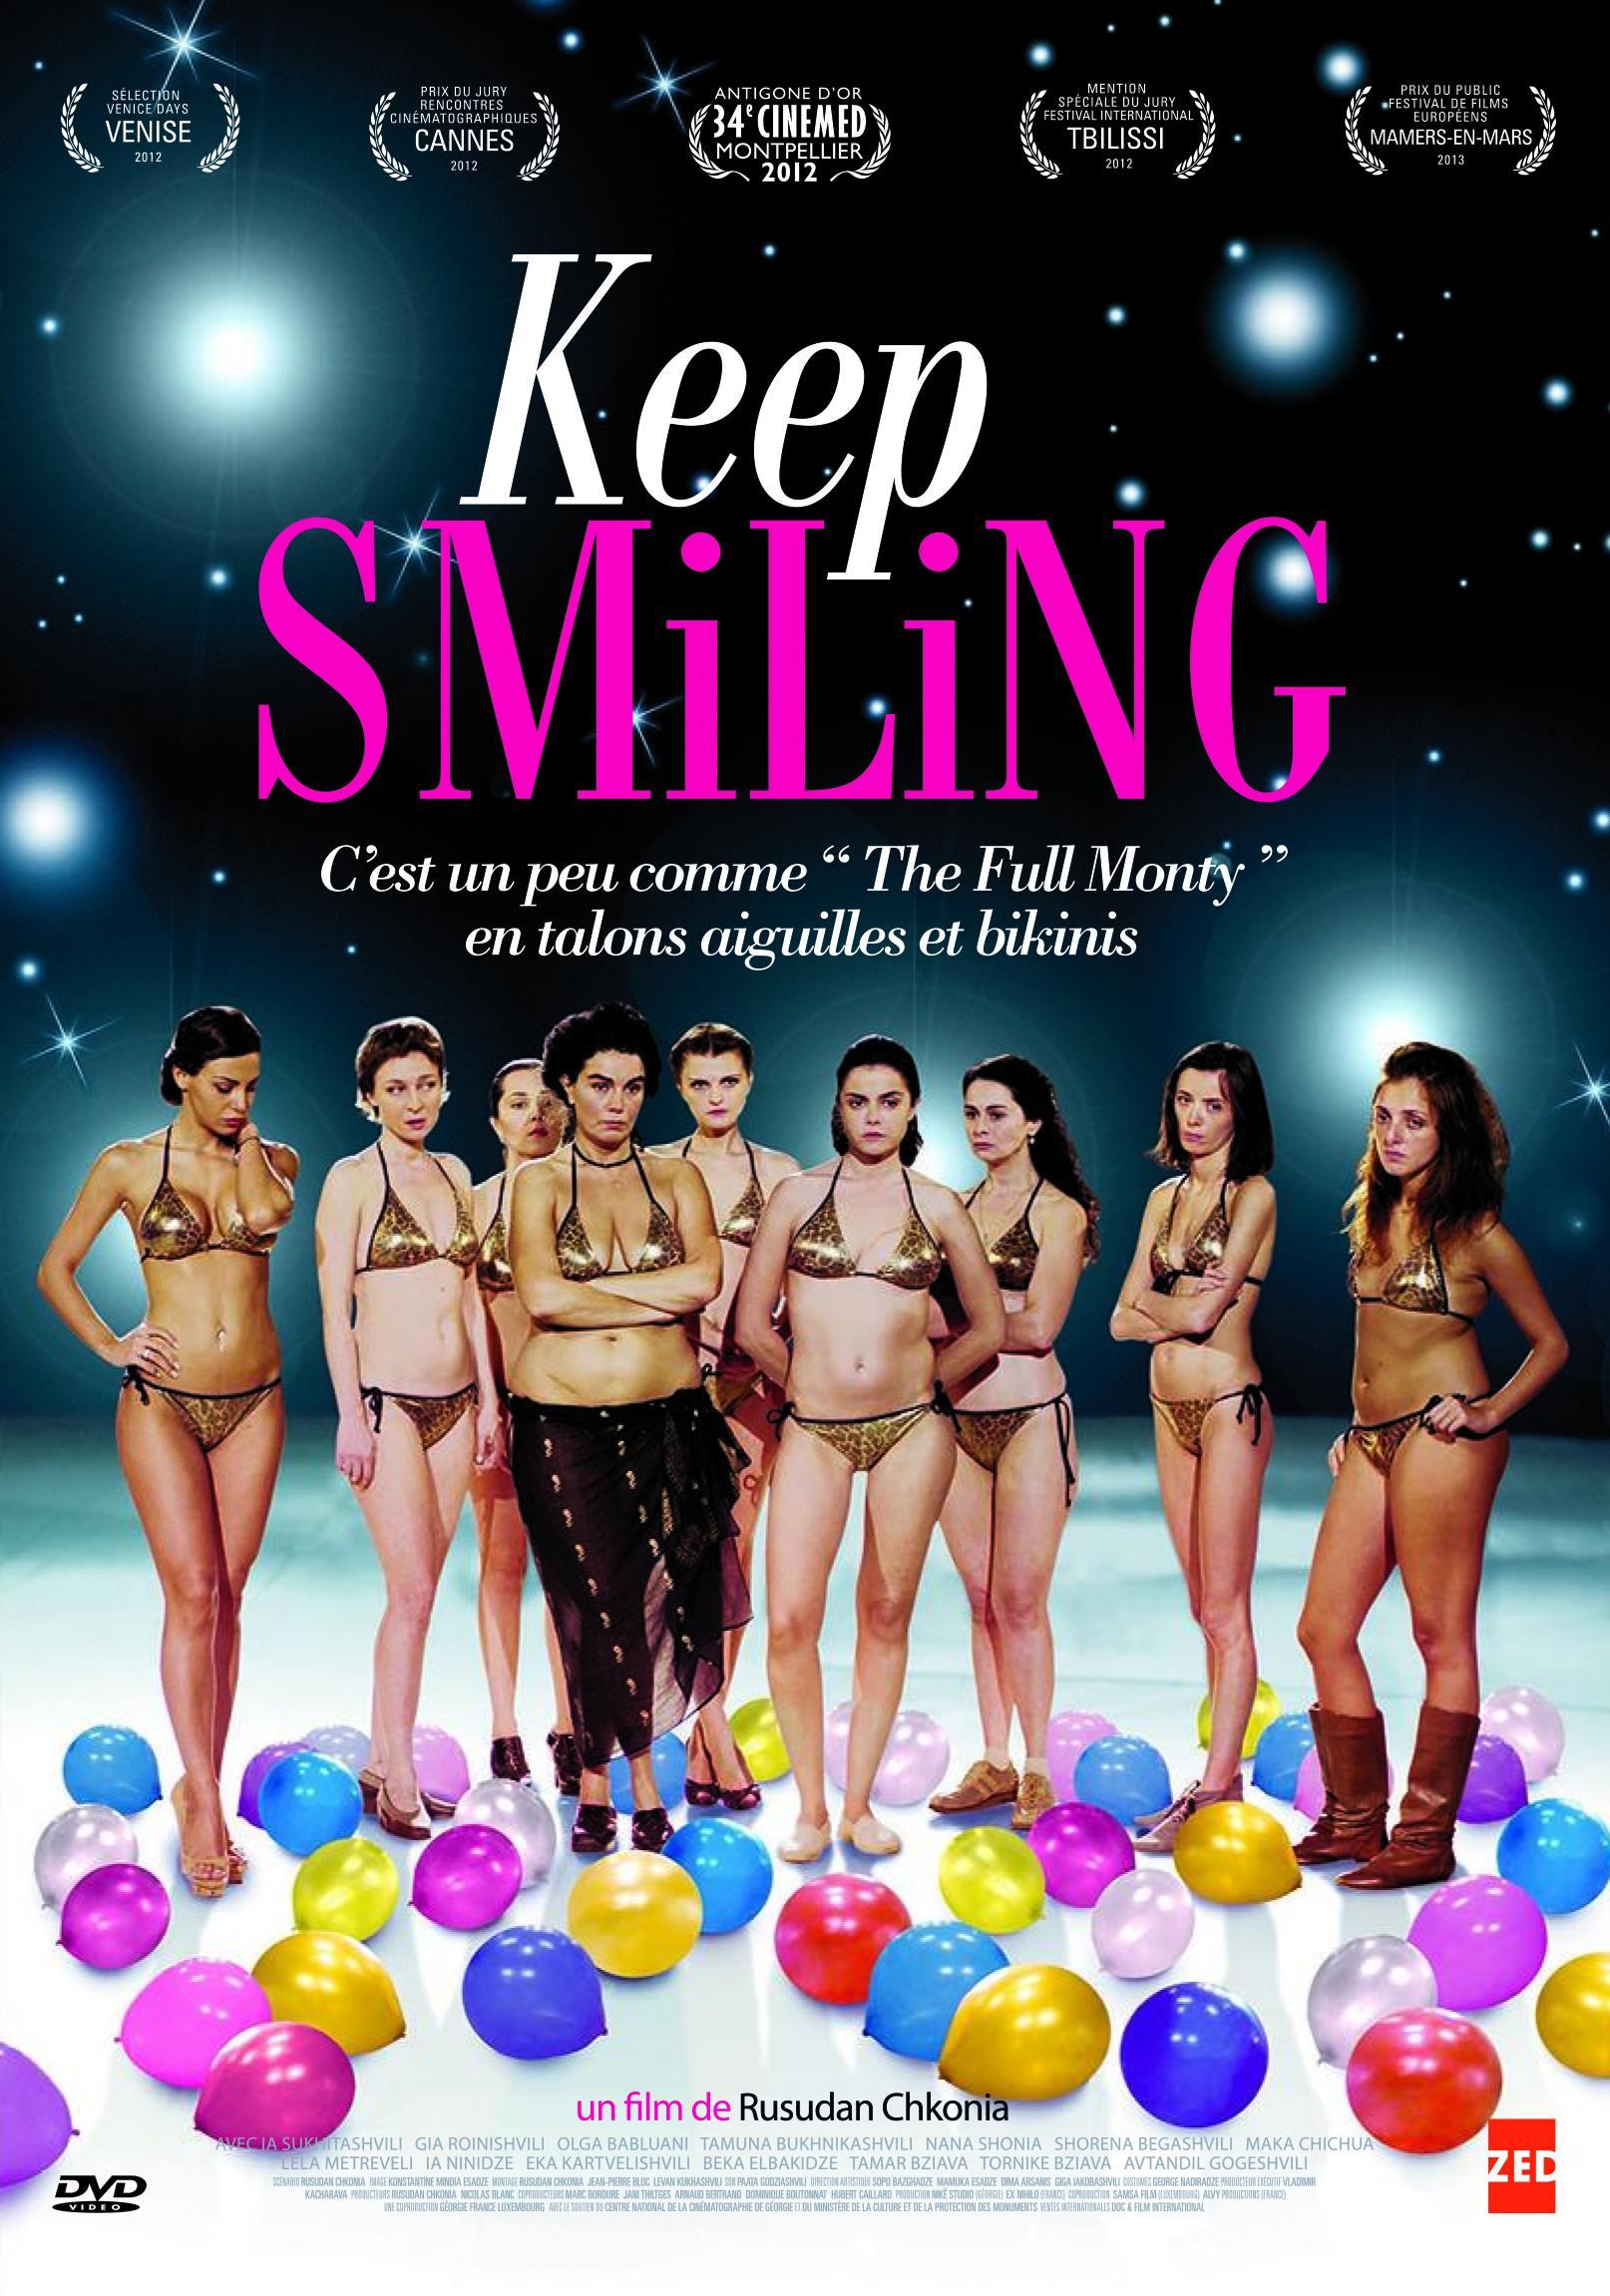 Keep smiling - dvd